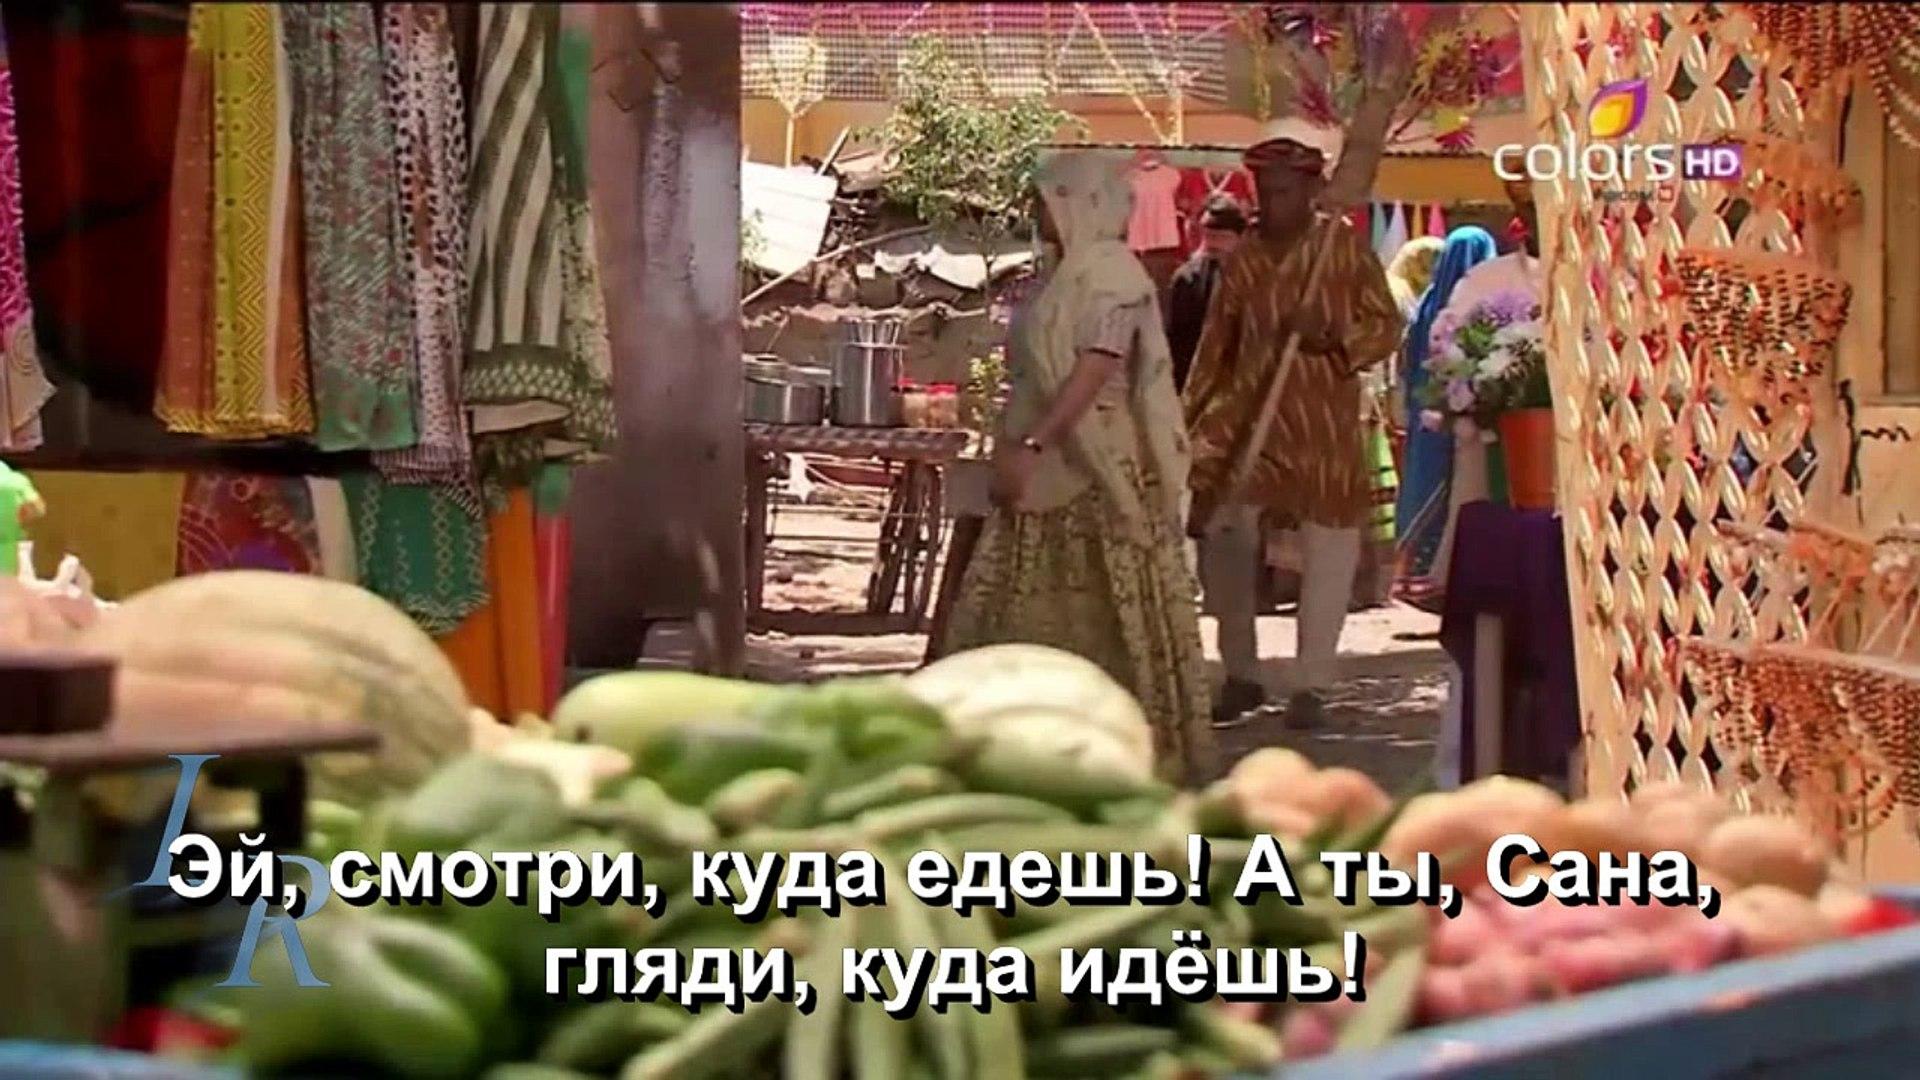 Дороги к любви /Road to love/ 3 серия